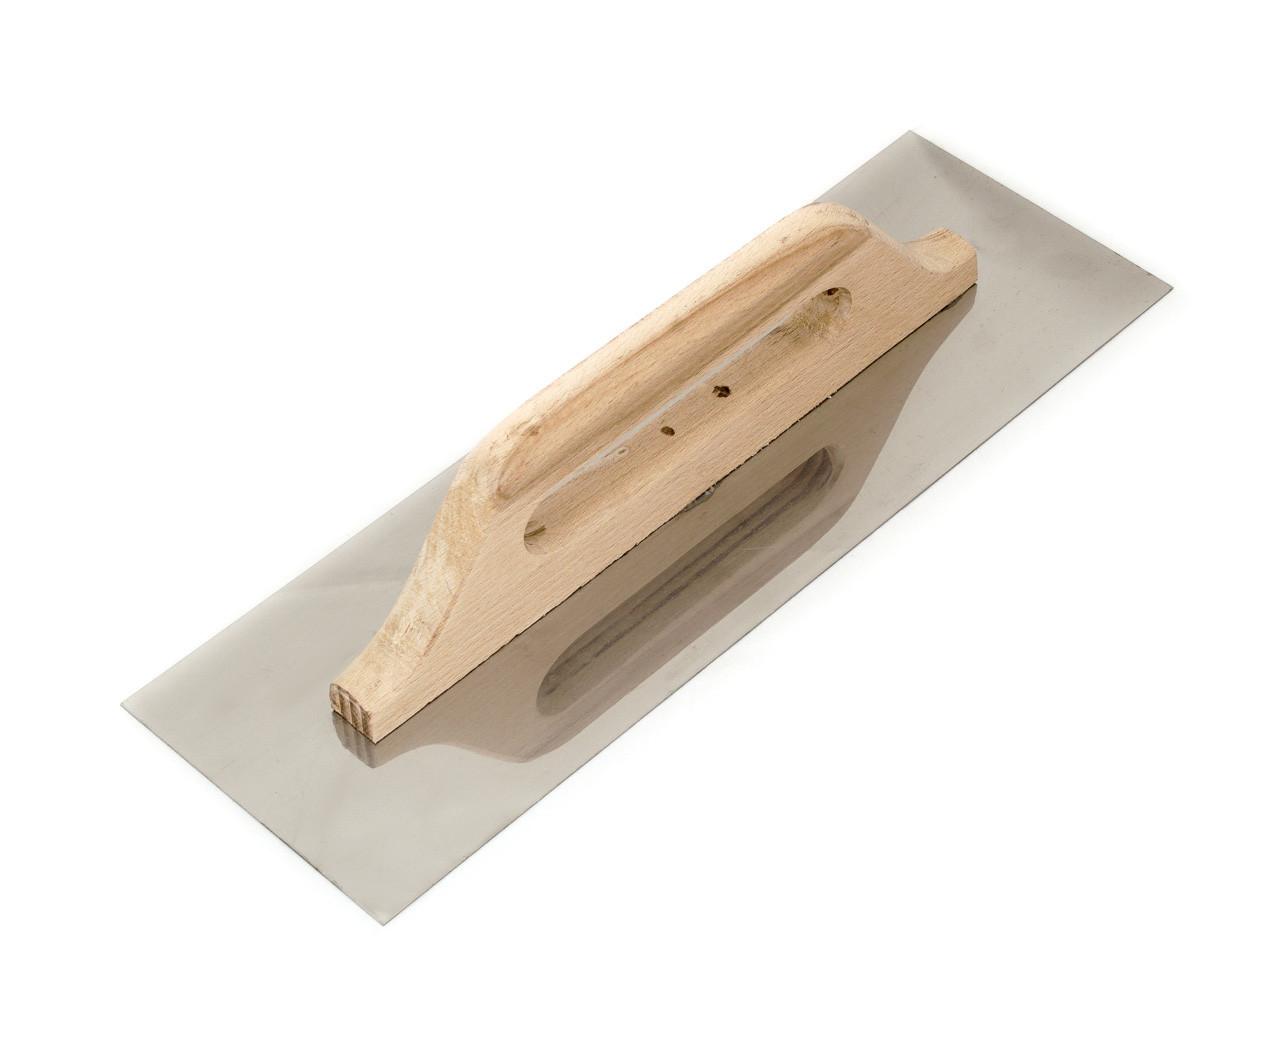 Терка нержавеющая Polax гладкая 125 x 380 мм (100-092) деревянная ручка